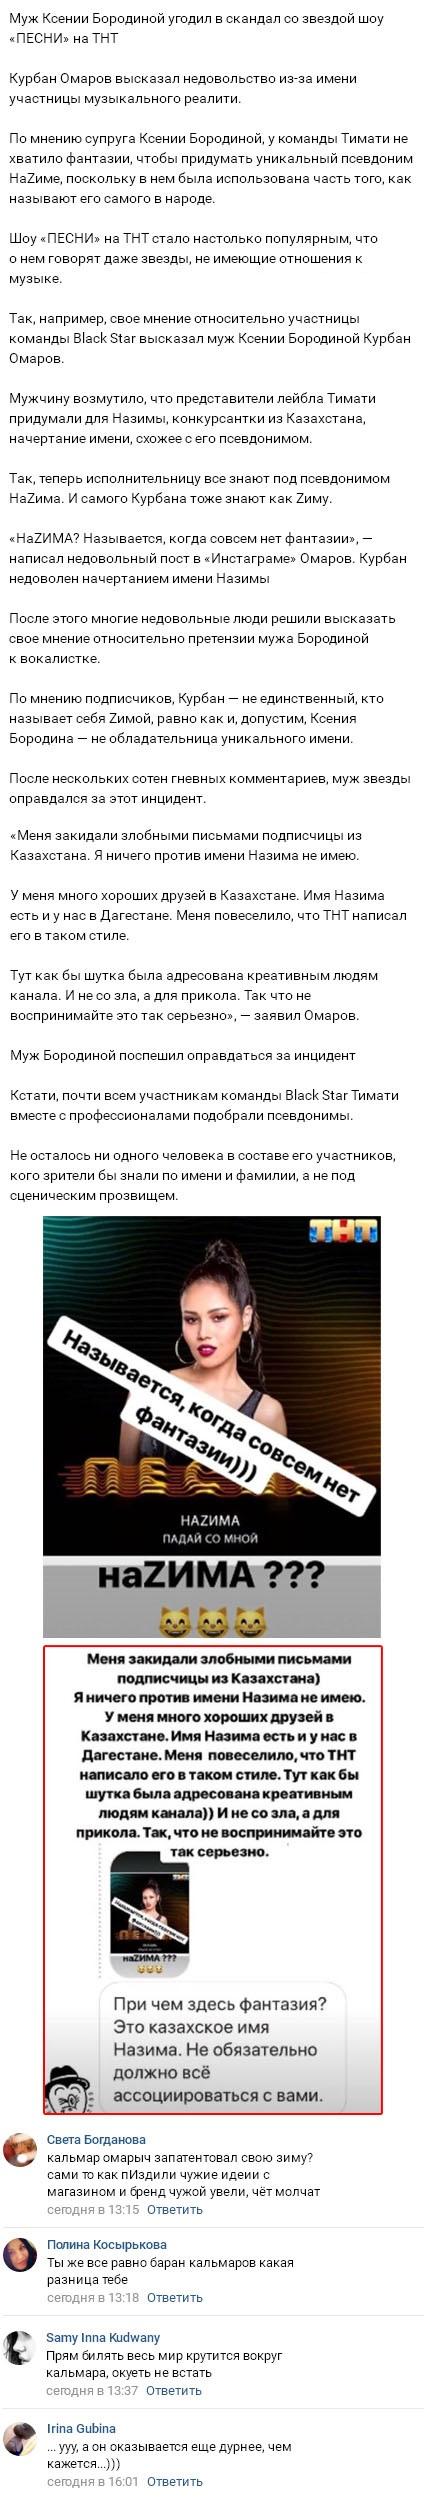 Жители Казахстана возненавидели Курбана Омарова после его высказываний о земляках